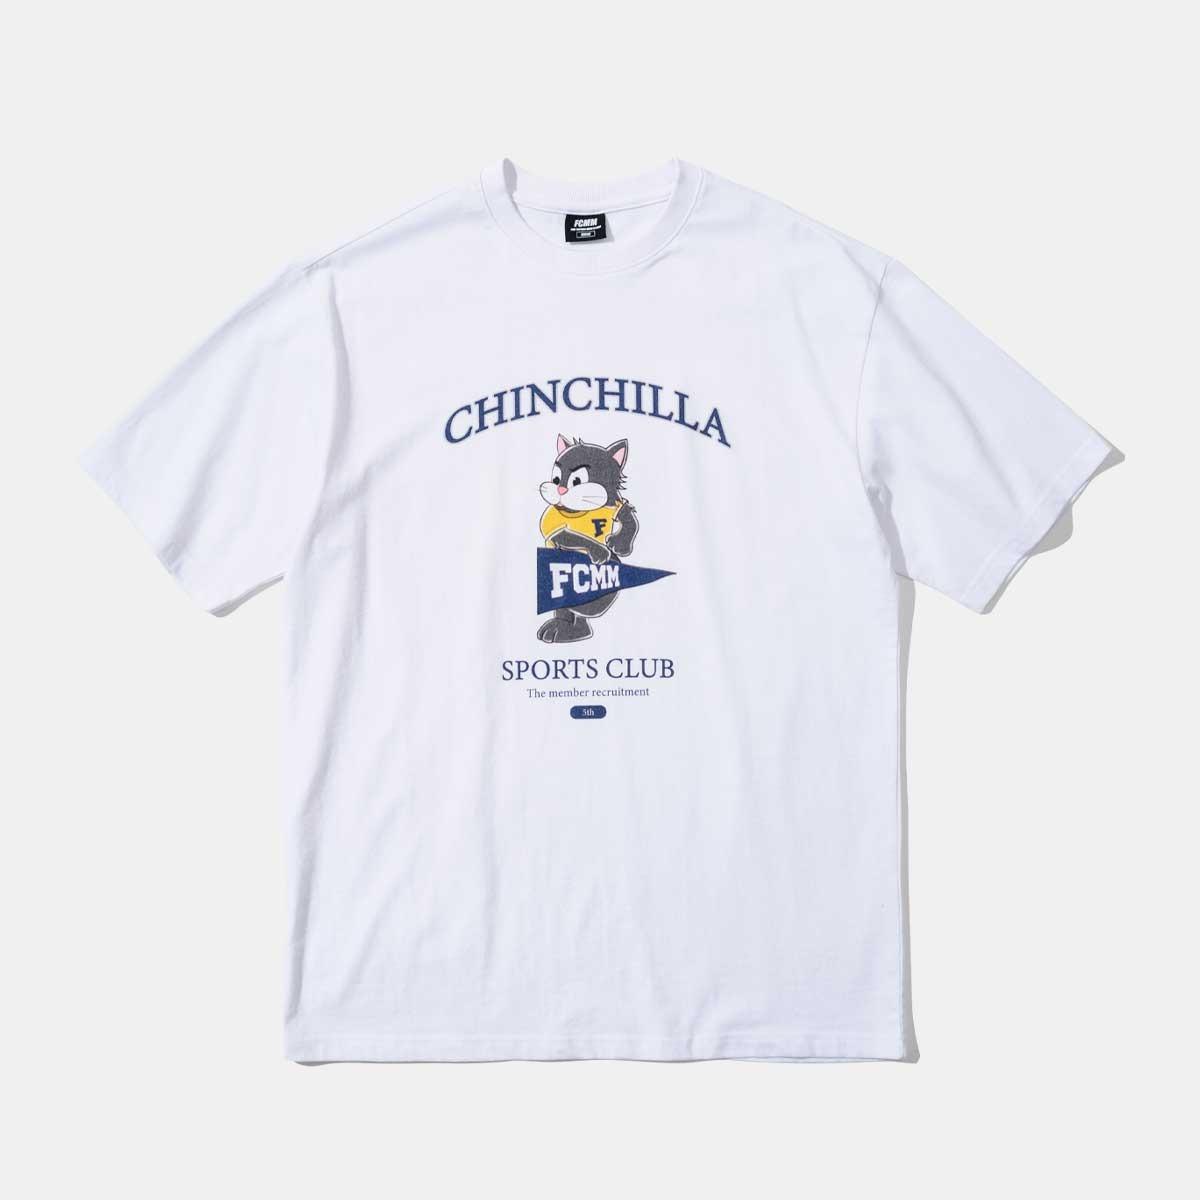 친칠라 마스코트 스포츠 클럽 티셔츠 - 화이트